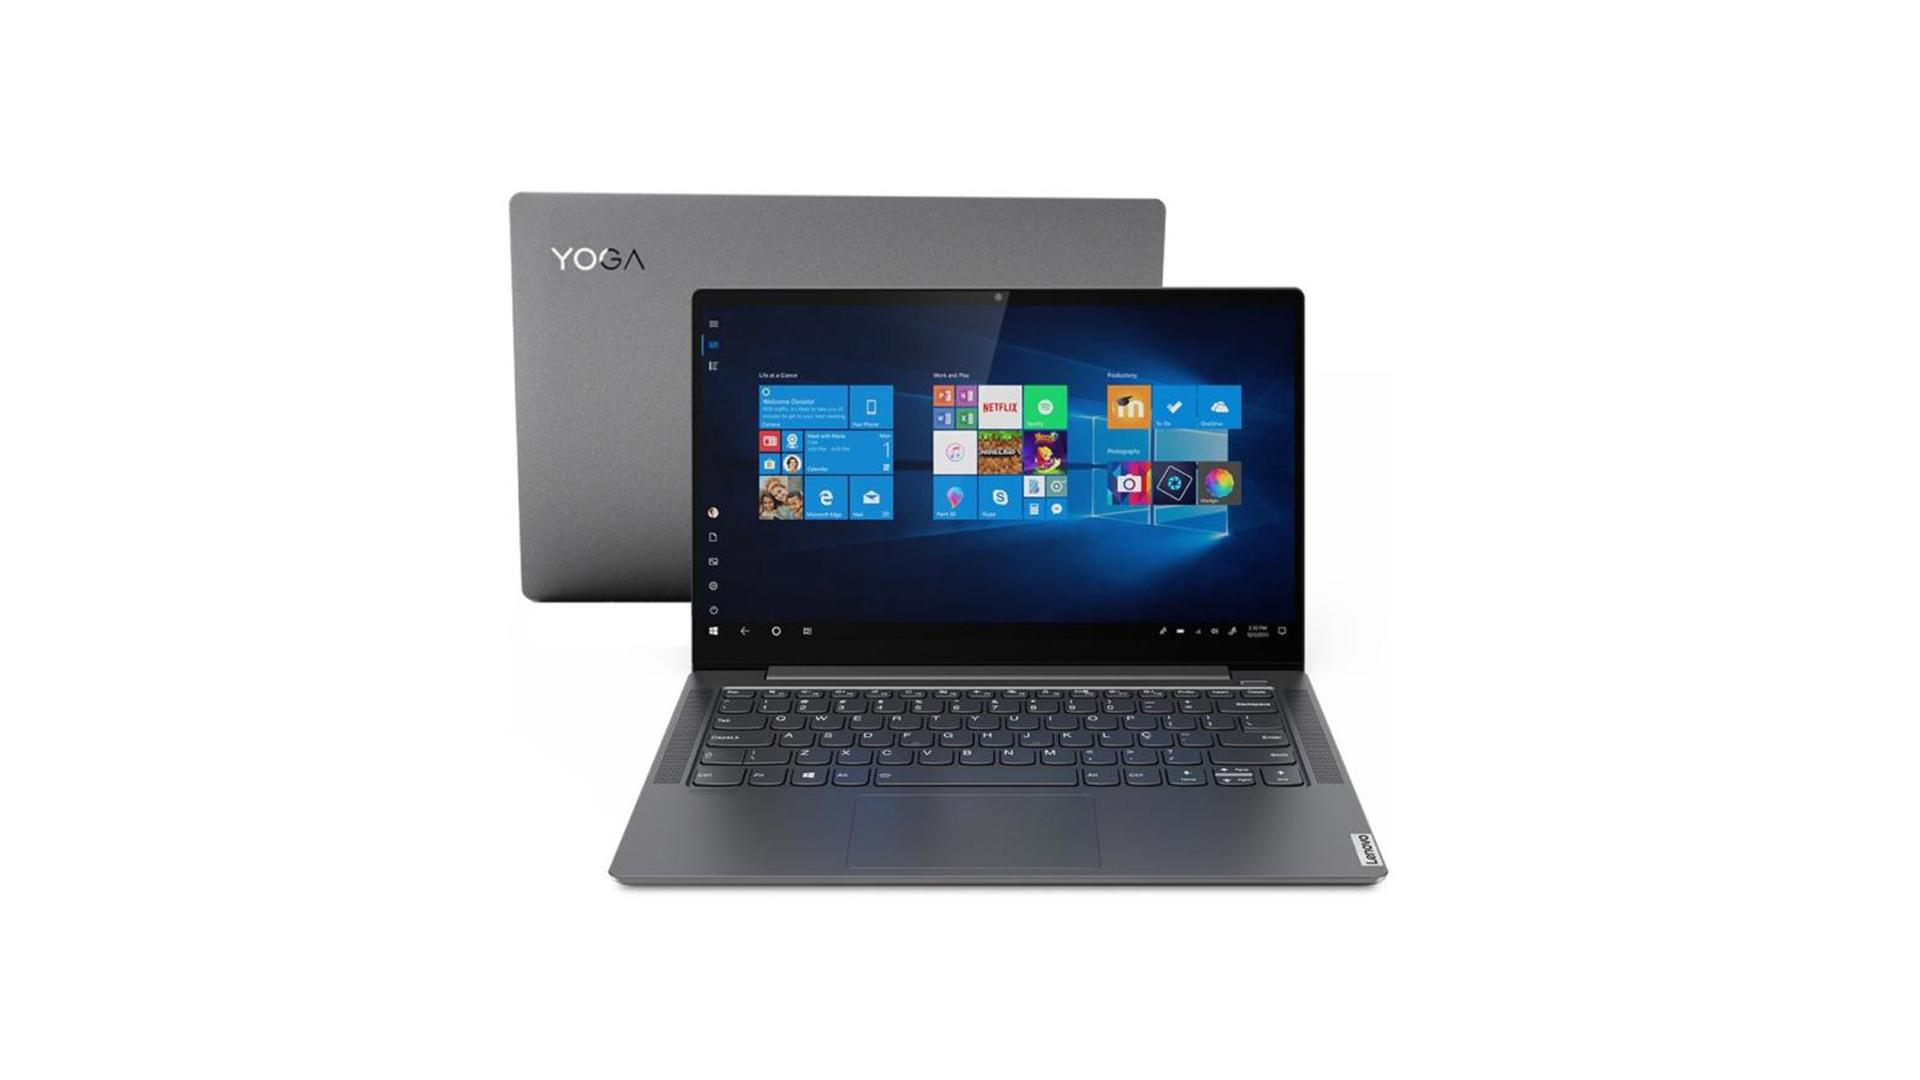 O Yoga S740 é o notebook premium da Lenovo. (Foto: Divulgação/Lenovo)